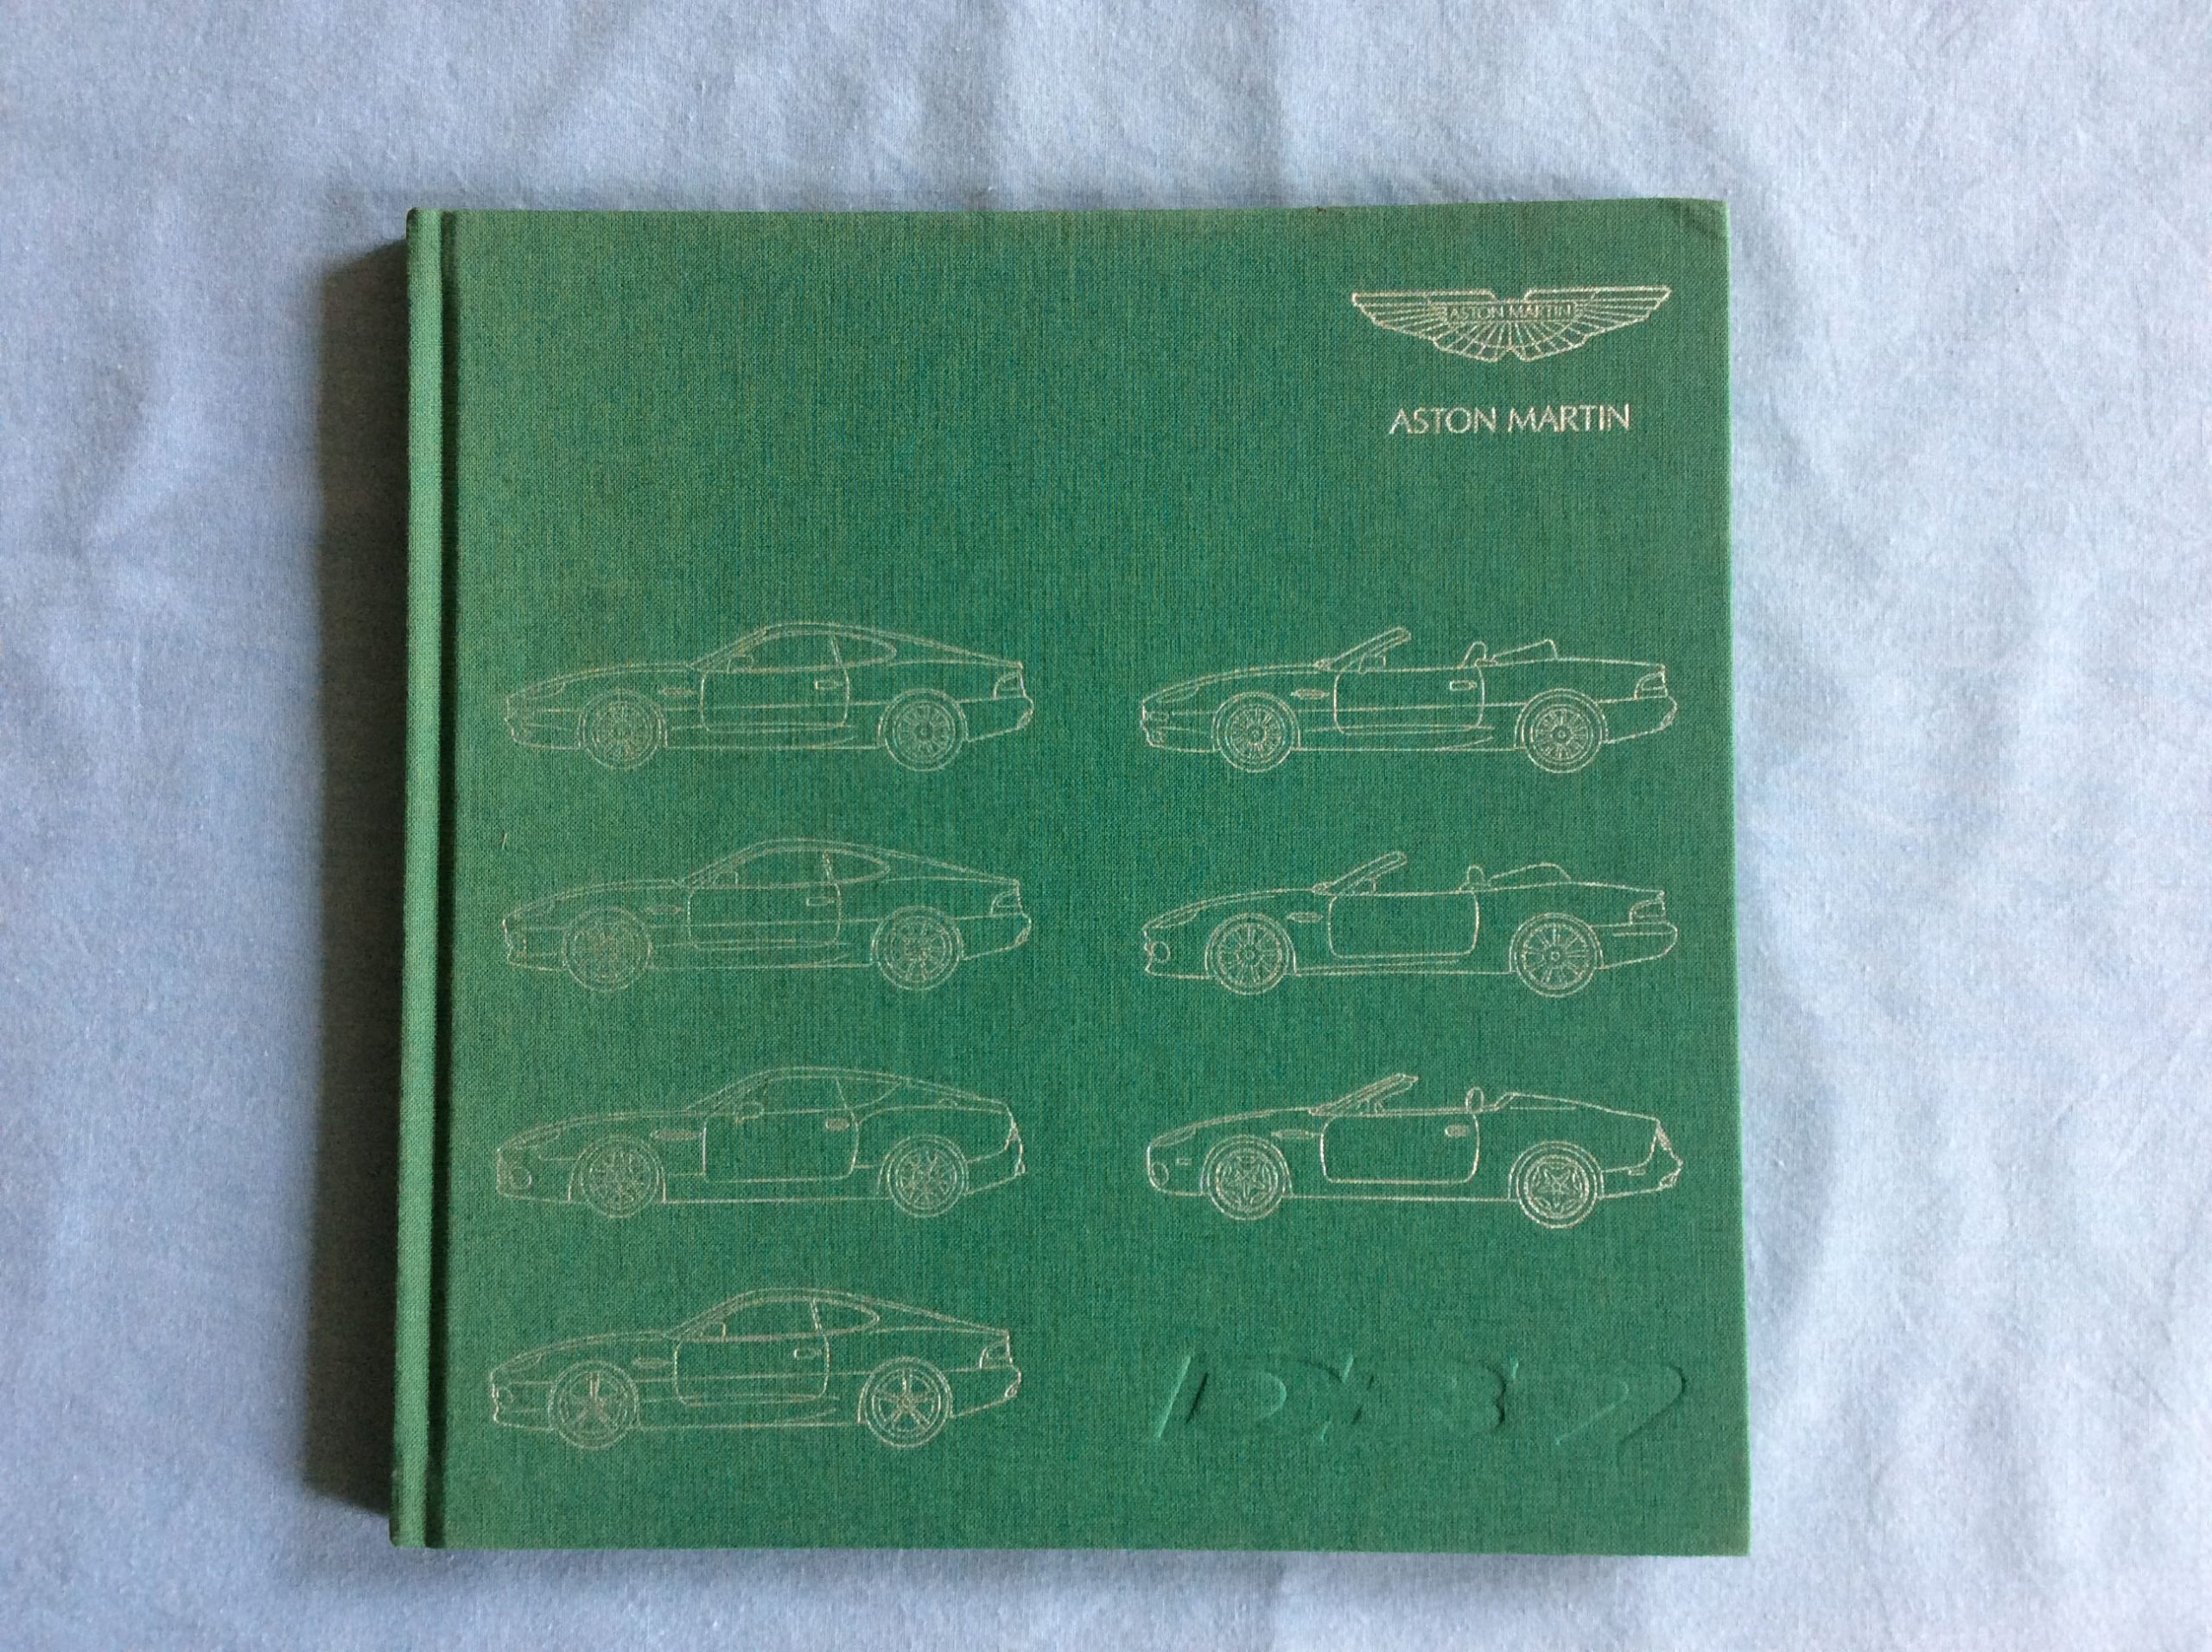 Aston Martin Aston Martin Books Classic Aston Martin Memorabilia Aston Martin Db7 Book Autotreasures